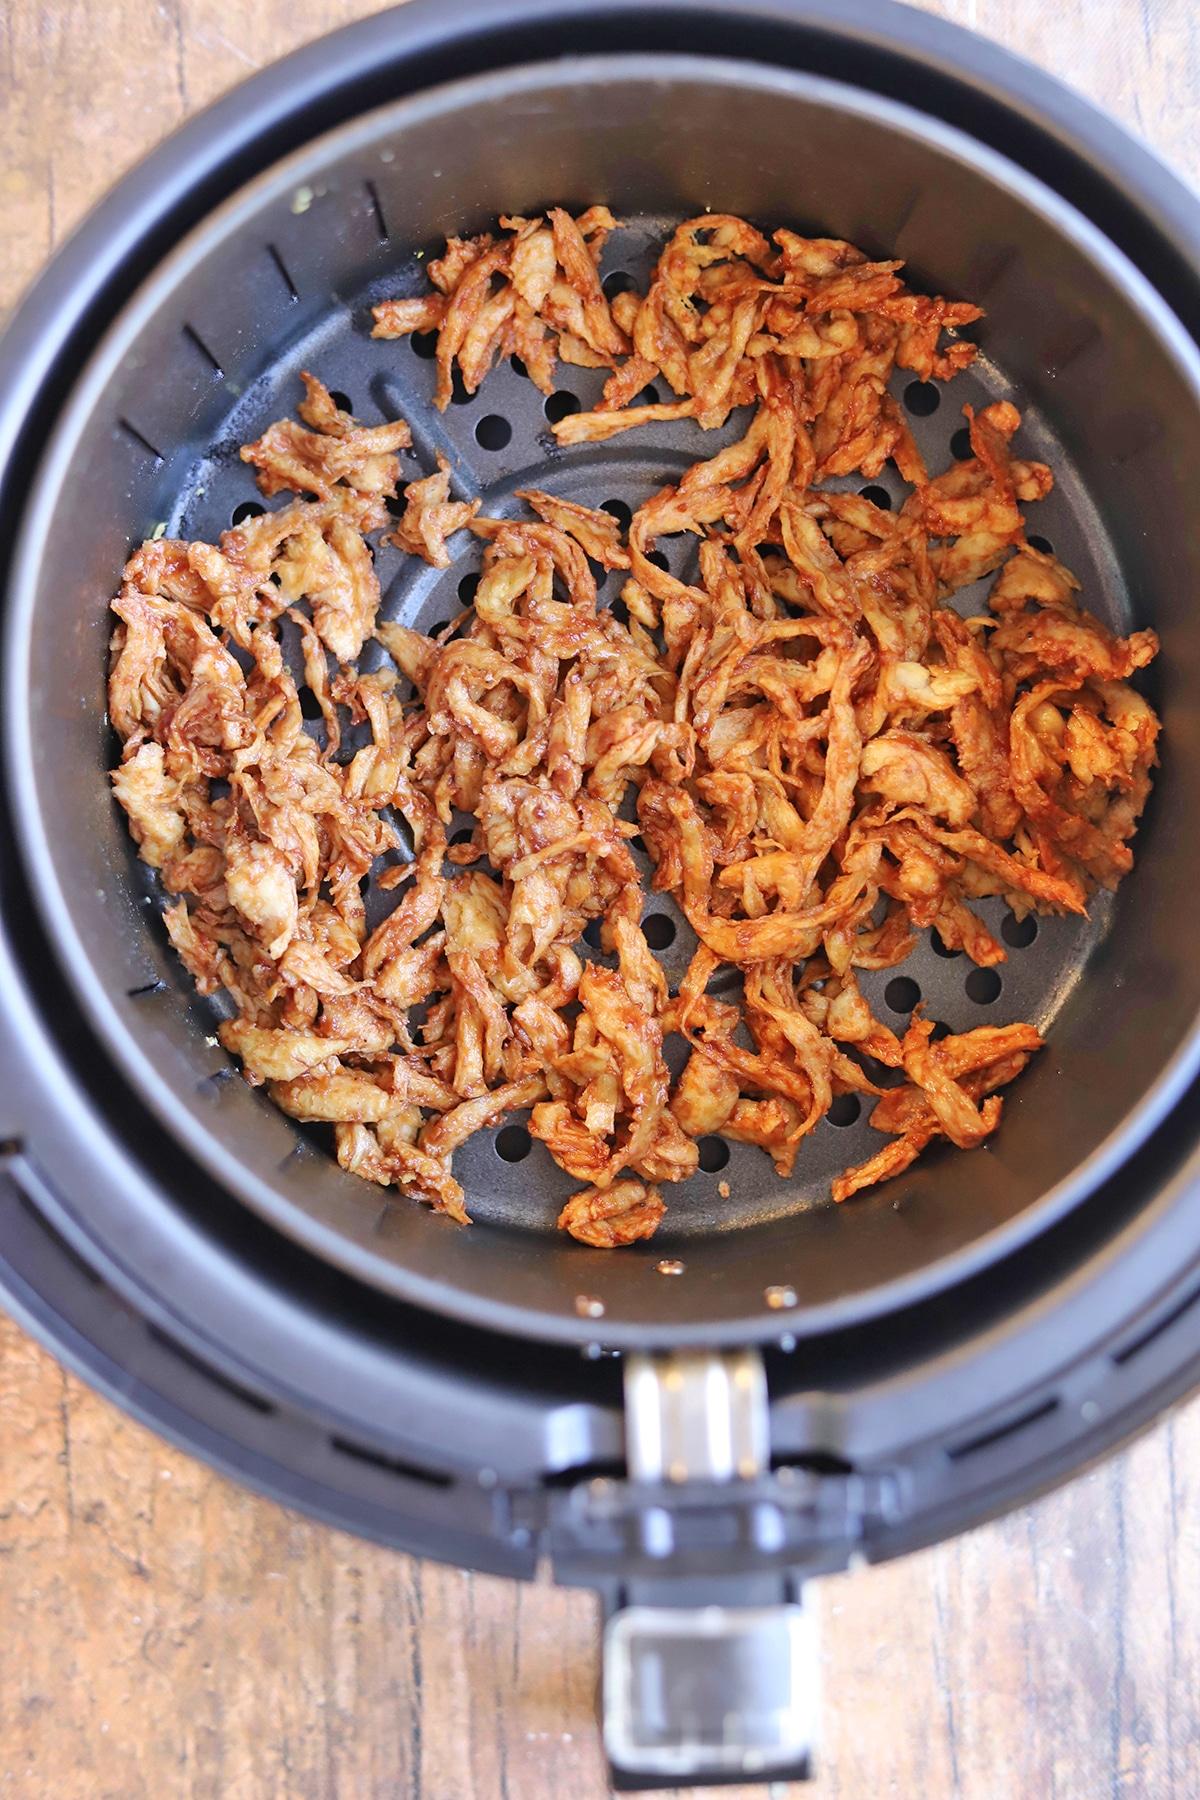 Barbecued Soy Curls in air fryer basket.